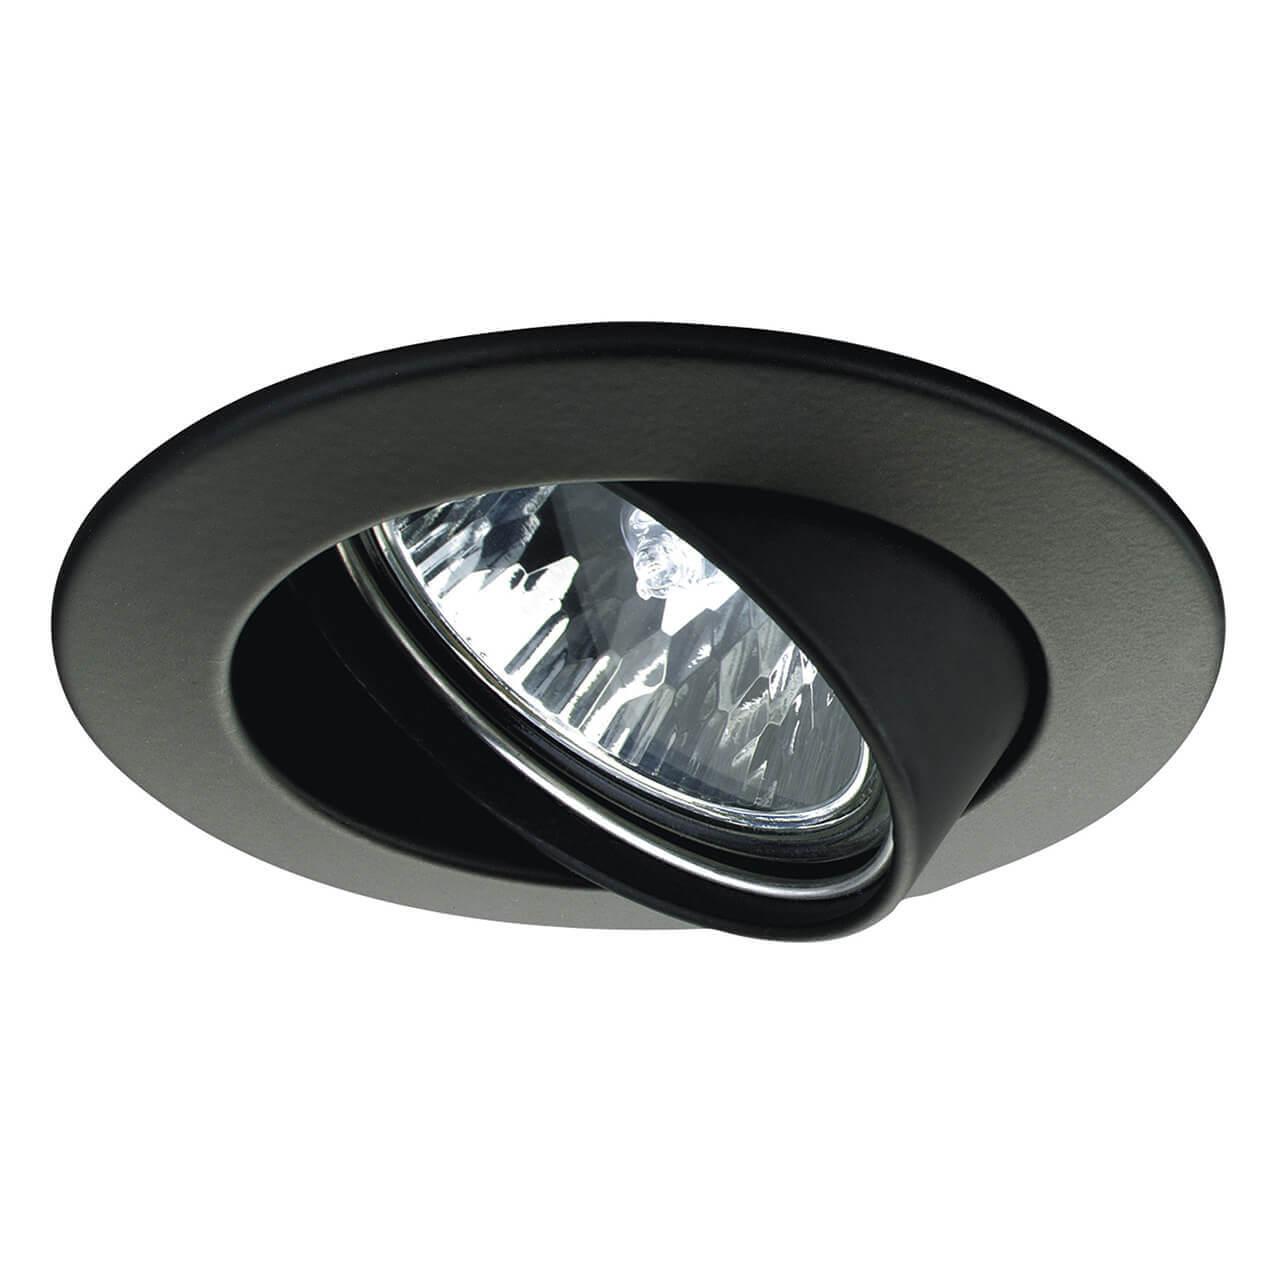 Встраиваемый светильник Paulmann Premium Line Halogen 17951 все цены